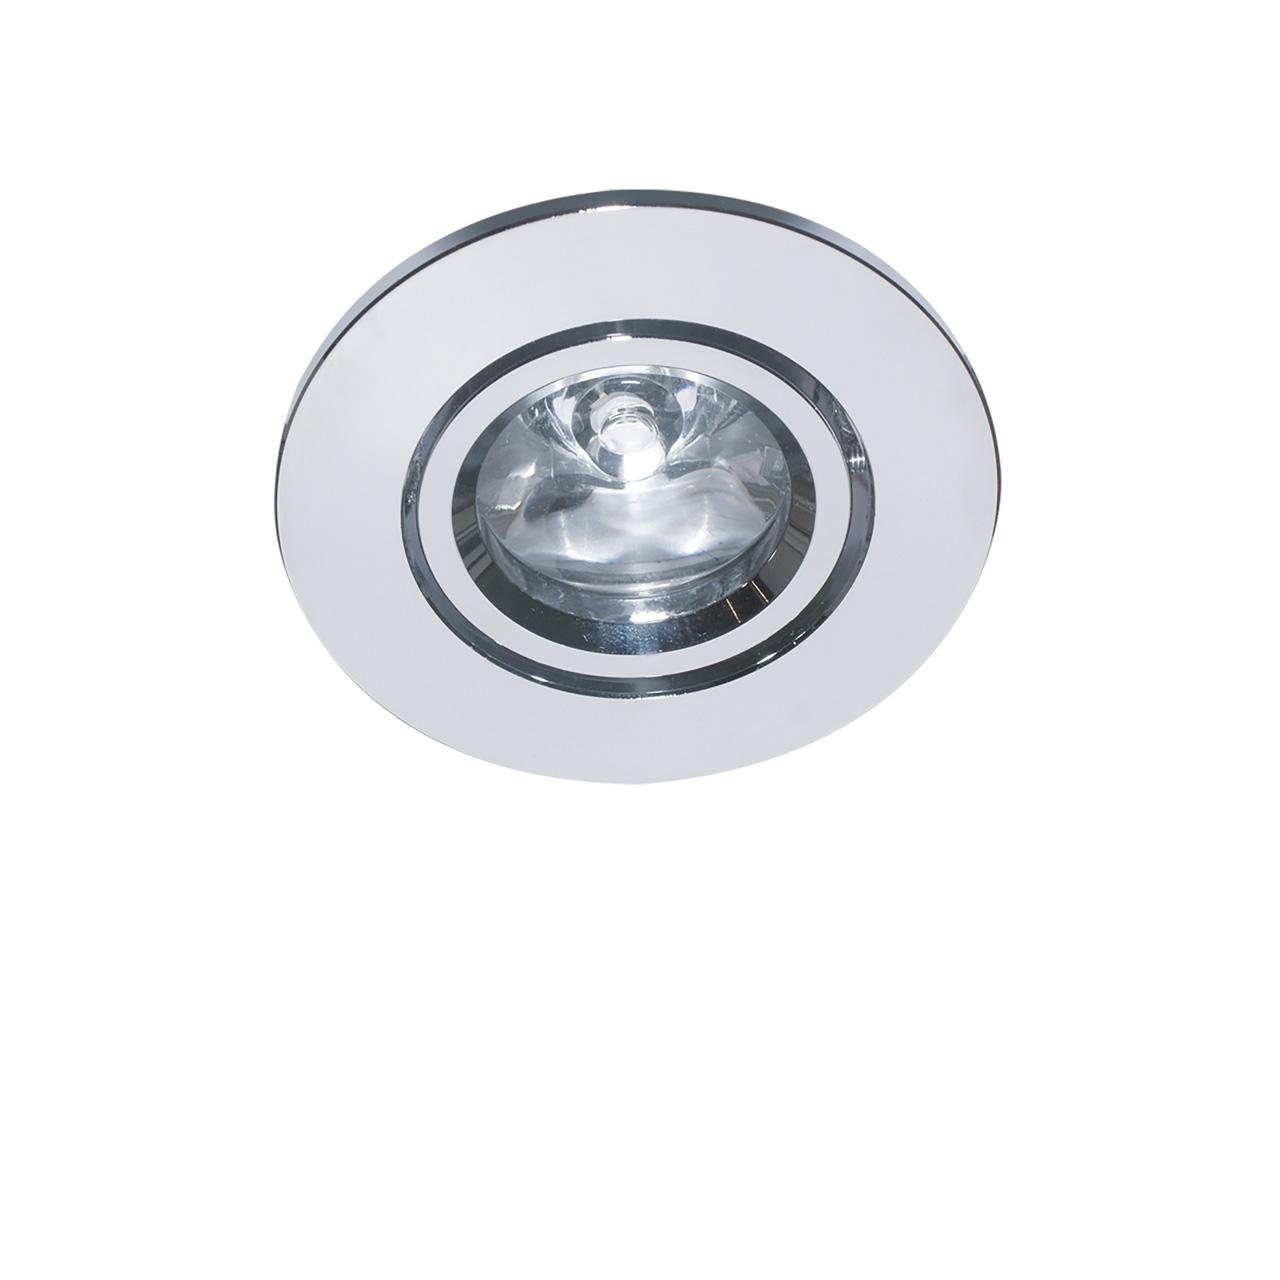 Встраиваемый светильник Lightstar, LED, 1 Вт встраиваемый светильник lightstar led 6 вт